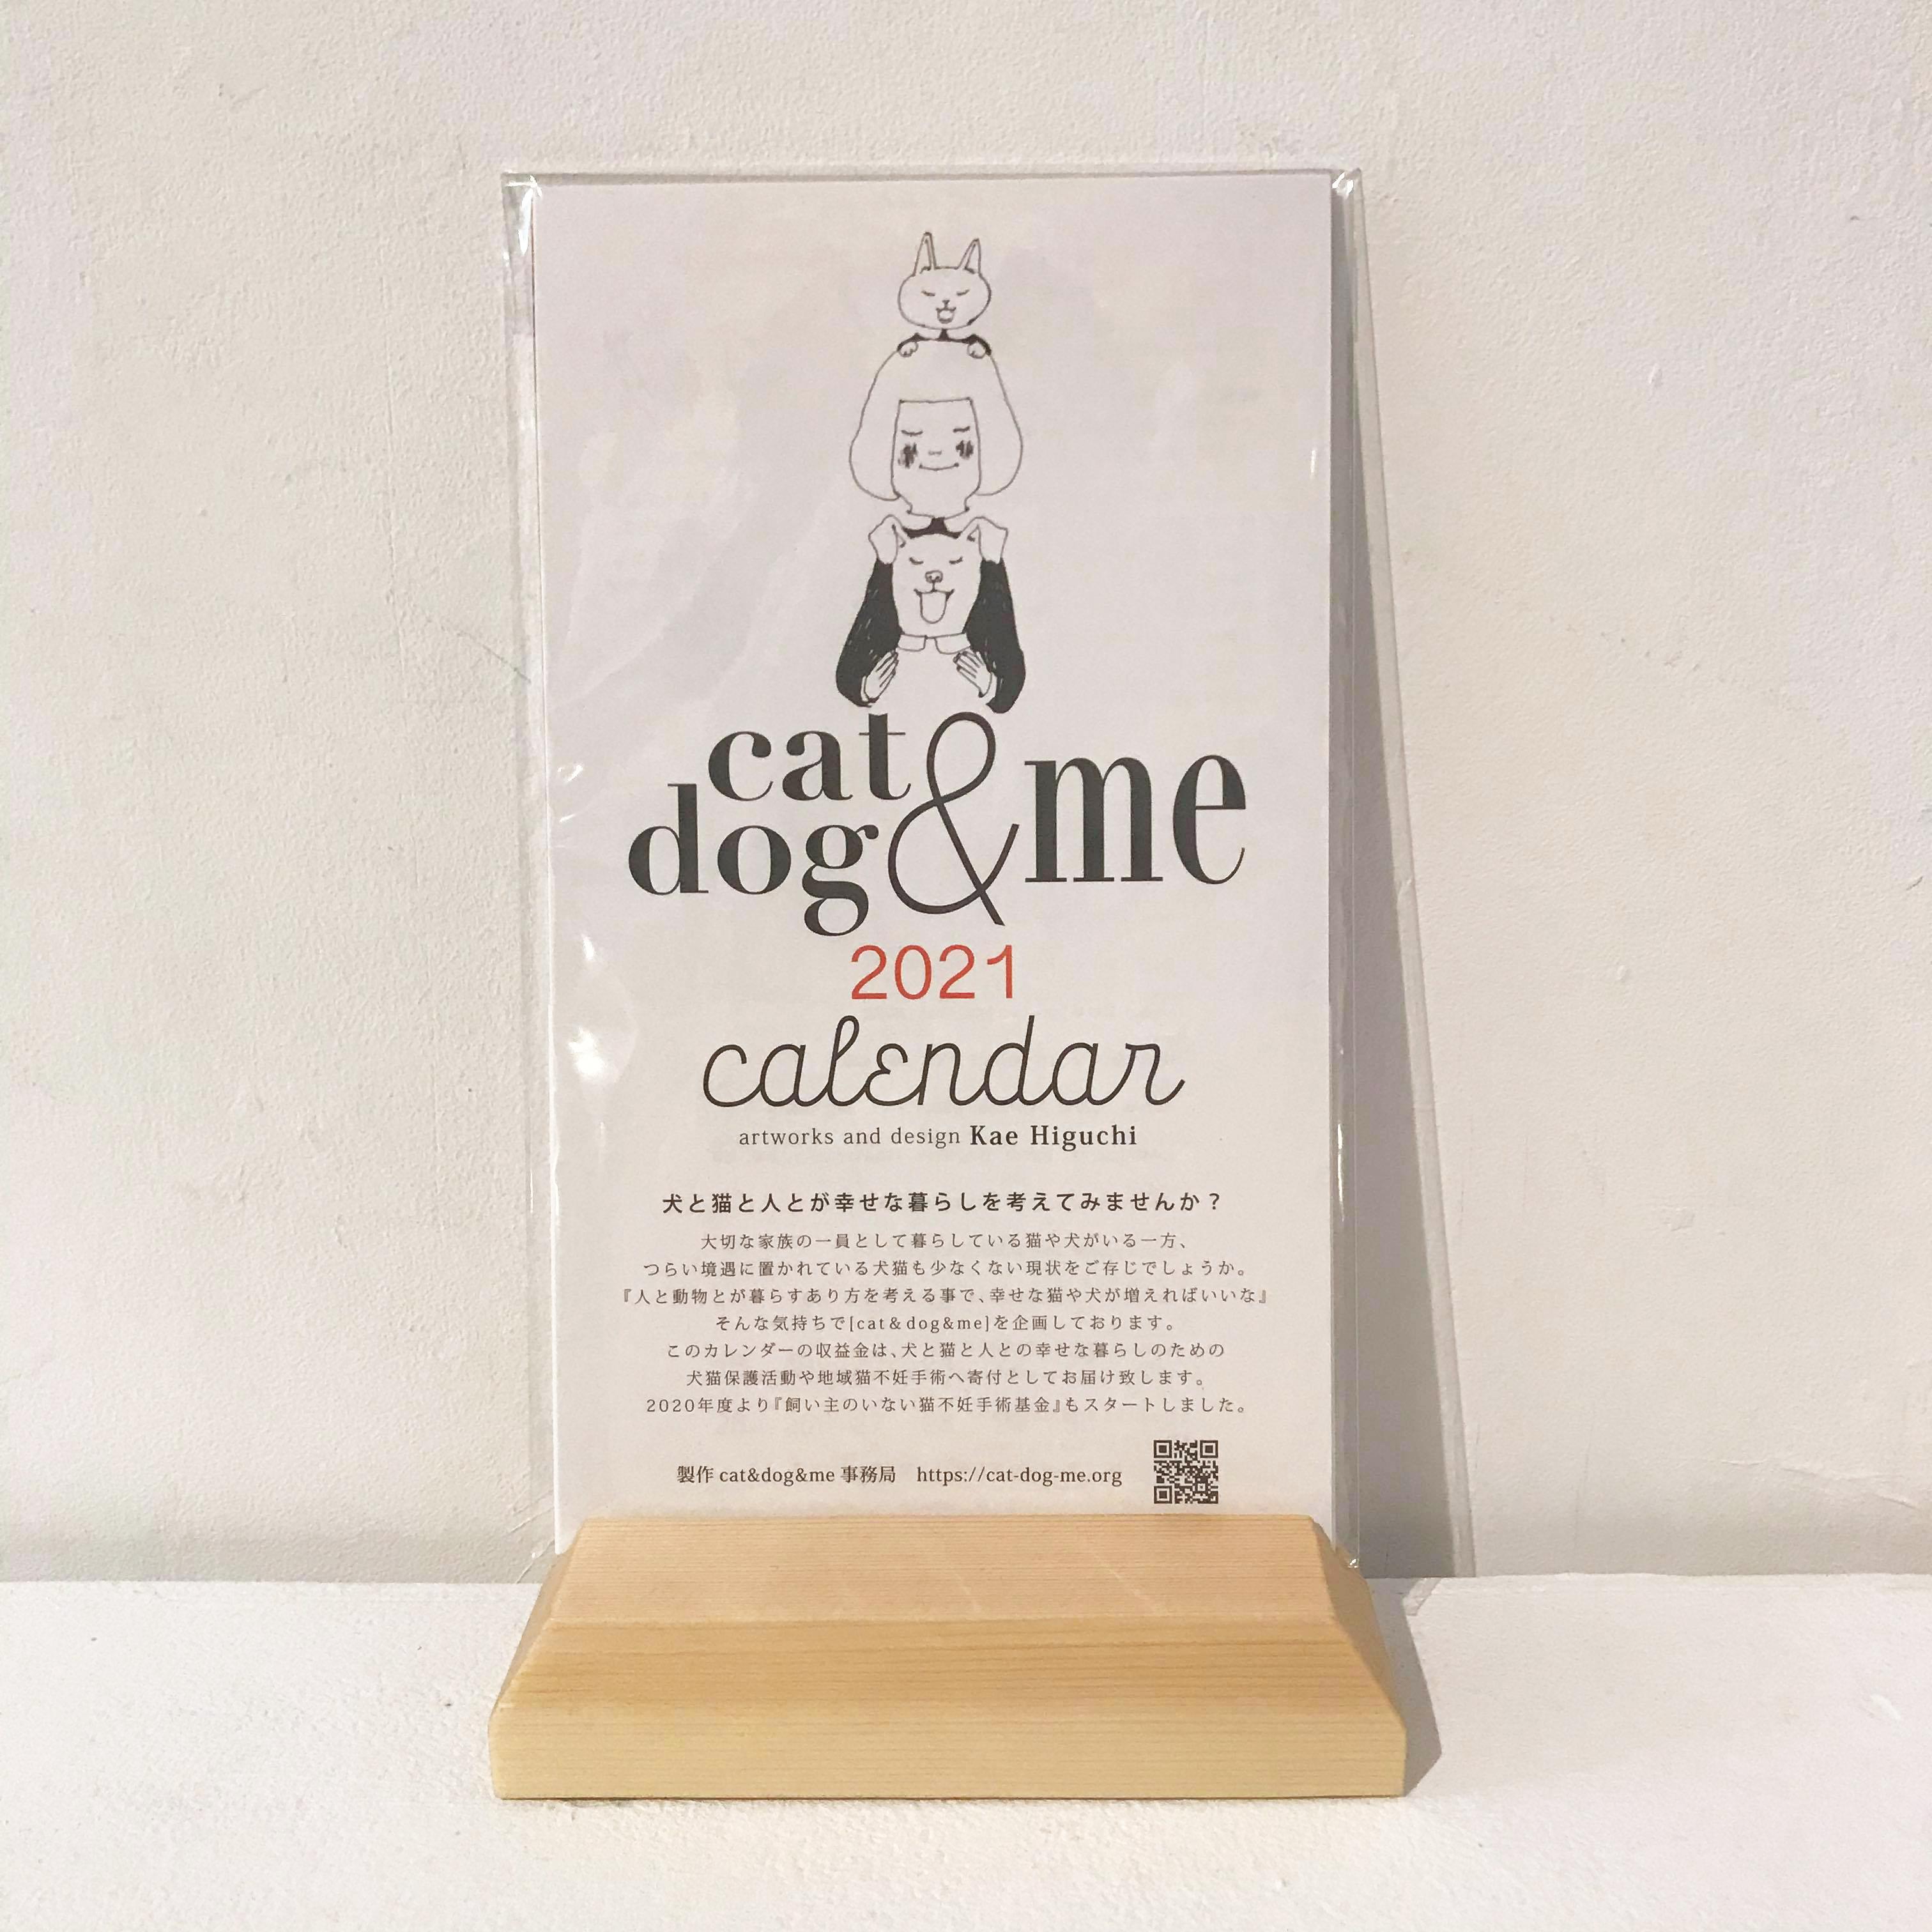 cat&dog&me 2021 チャリティーカレンダー/絵とデザイン:樋口佳絵